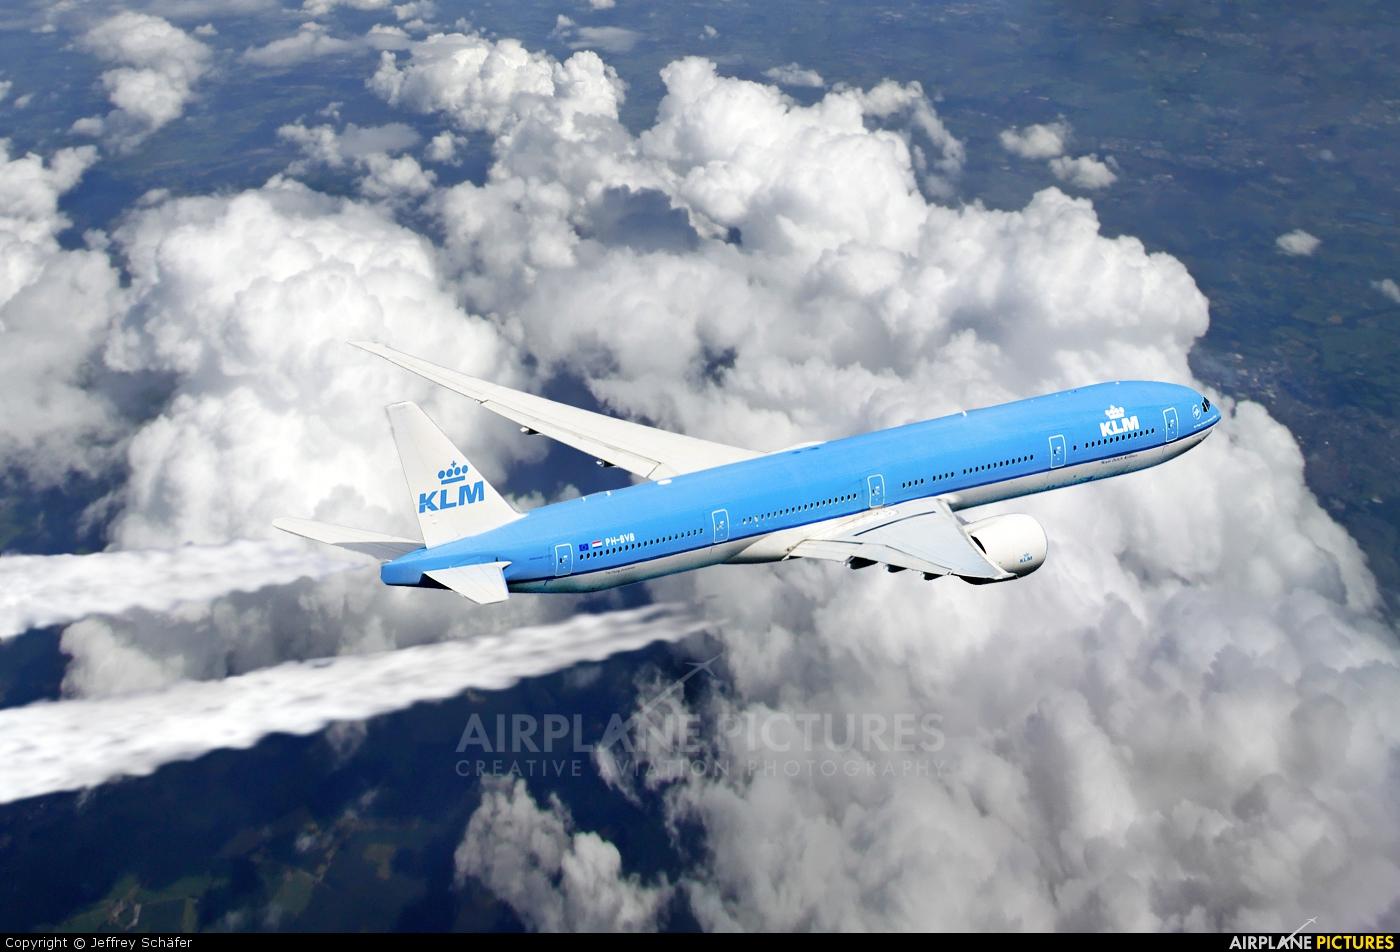 KLM PH-BVB aircraft at In Flight - International